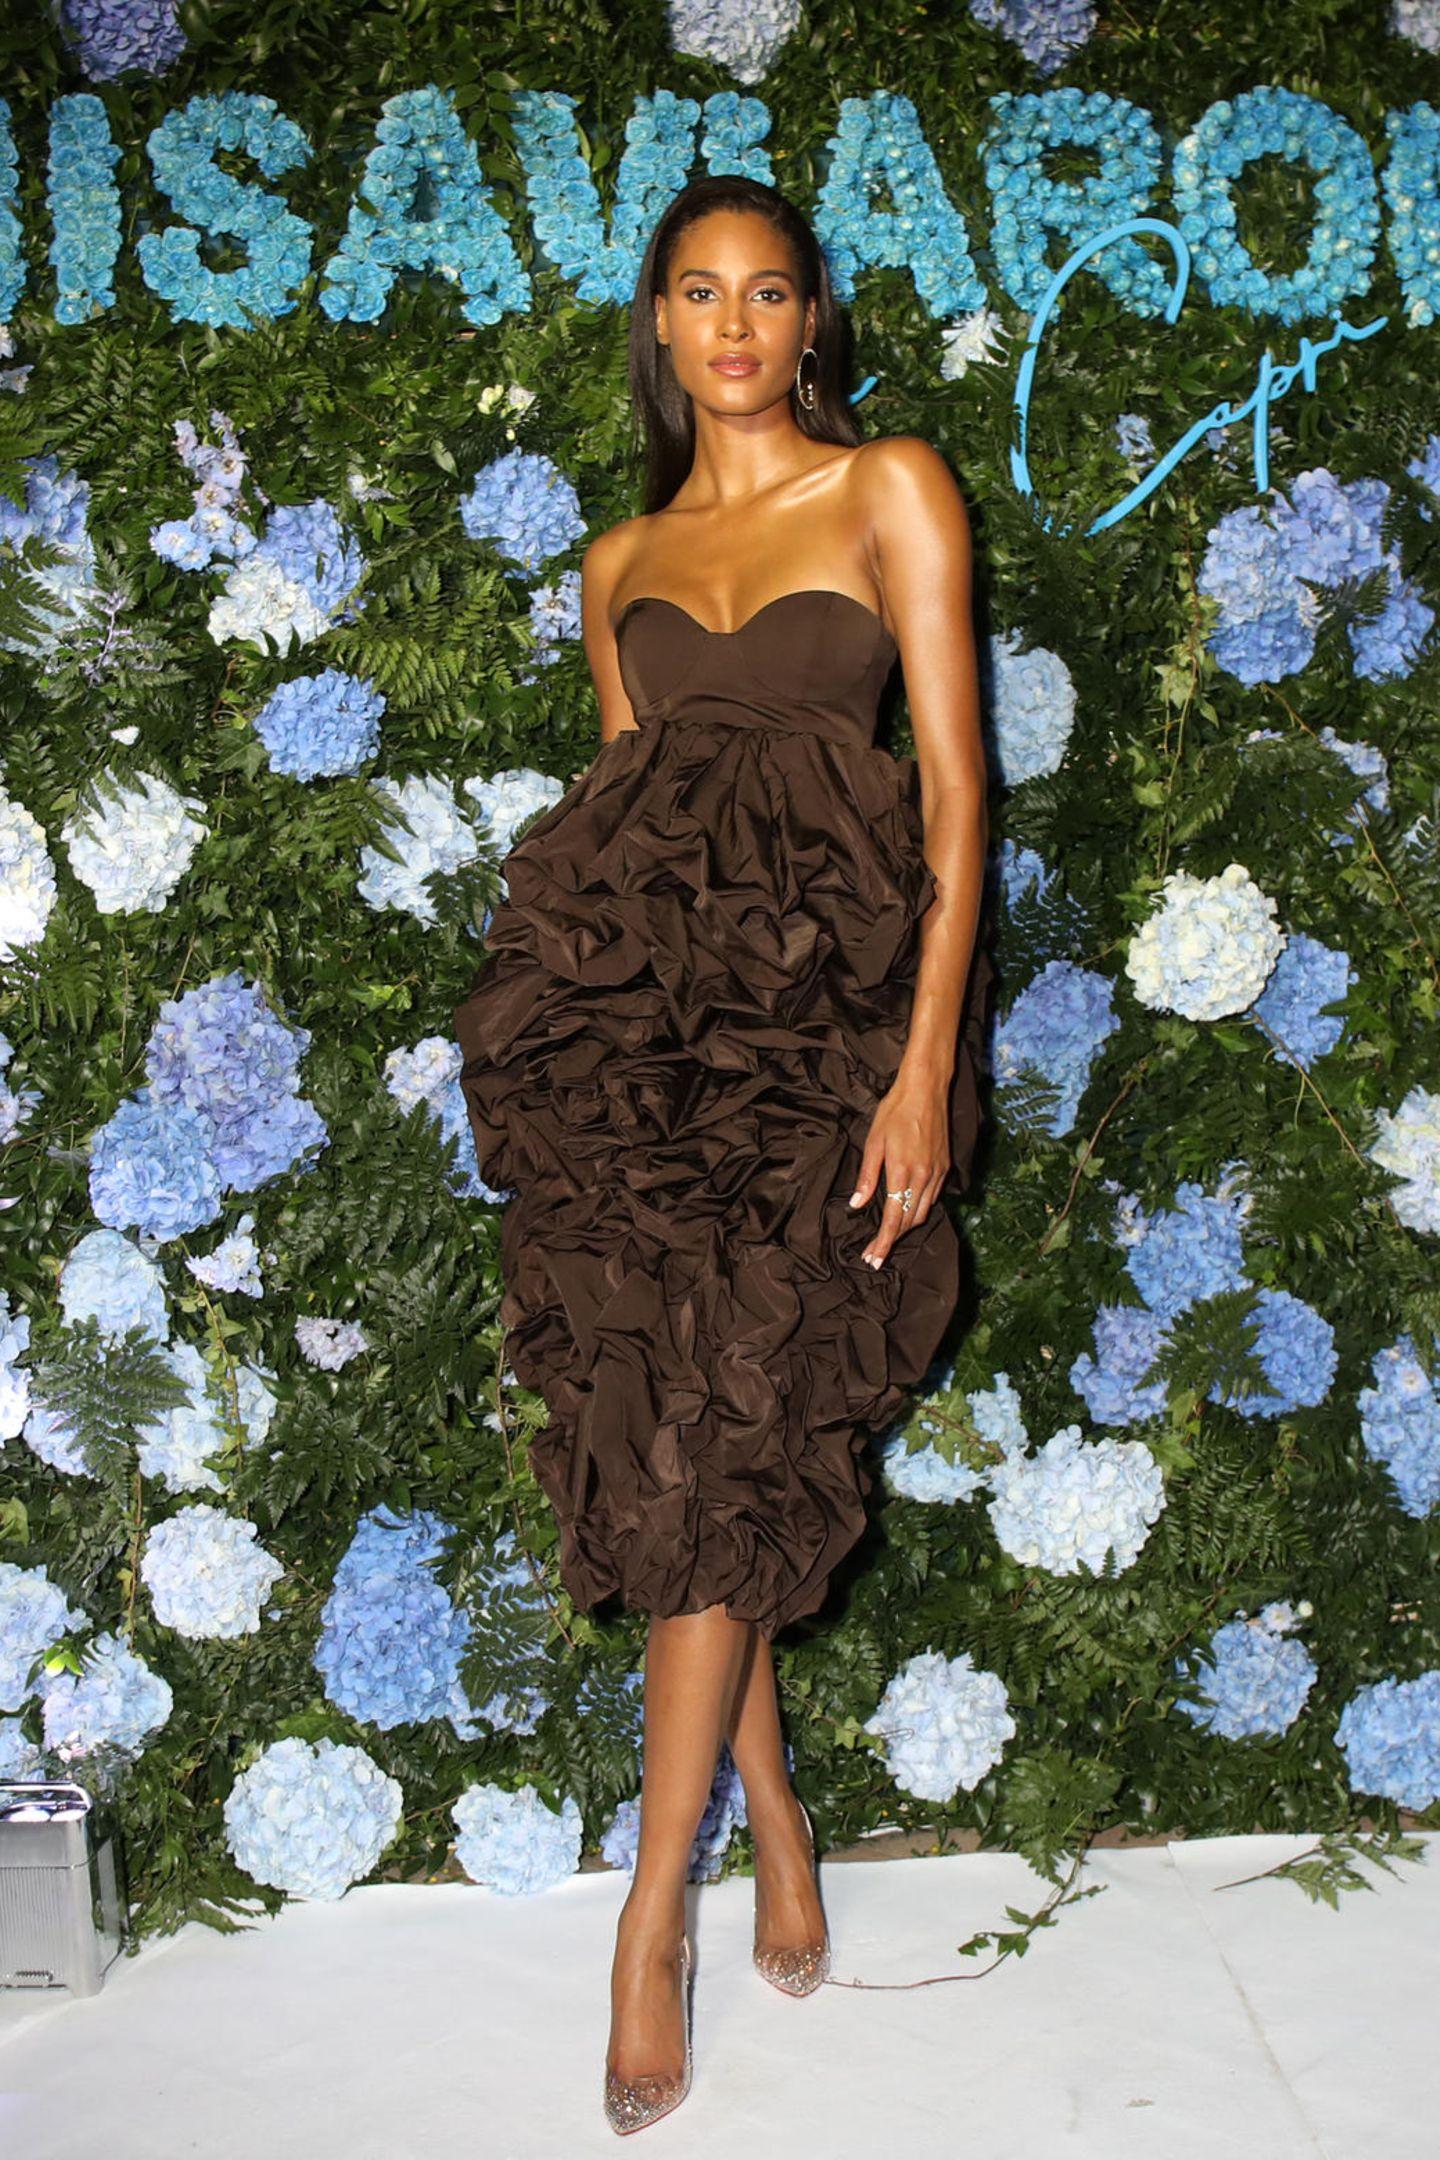 Wenn LuisaViaRoma einlädt, dann wird es glamourös. Zum Launchevent auf Capri erscheint Cindy Bruna in einem spektakulären braunen Kleid mit Volants.